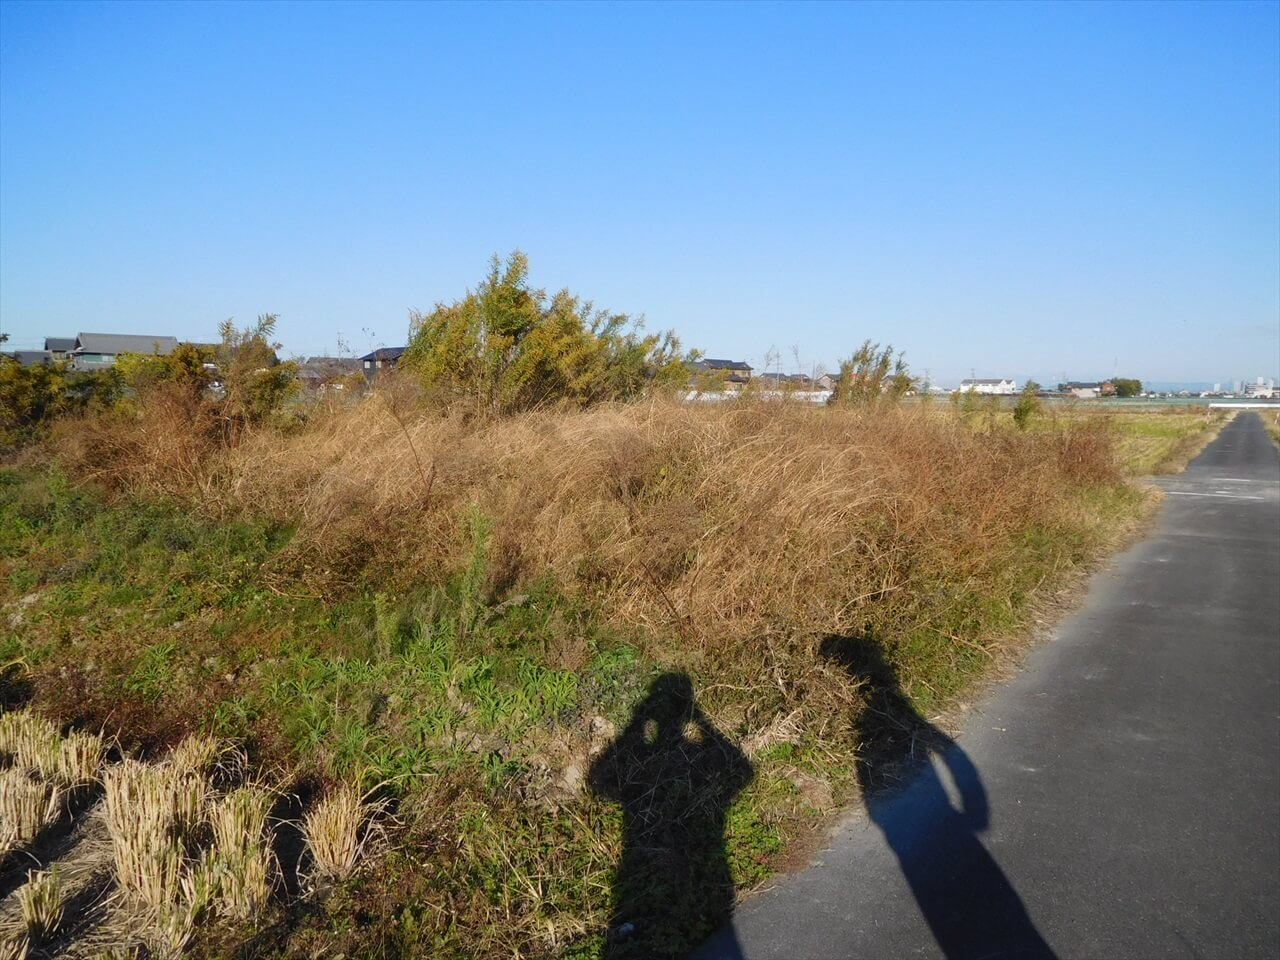 |安水建設|愛知県安城市を中心に三河エリアの木造注文住宅・リフォームこんな事も